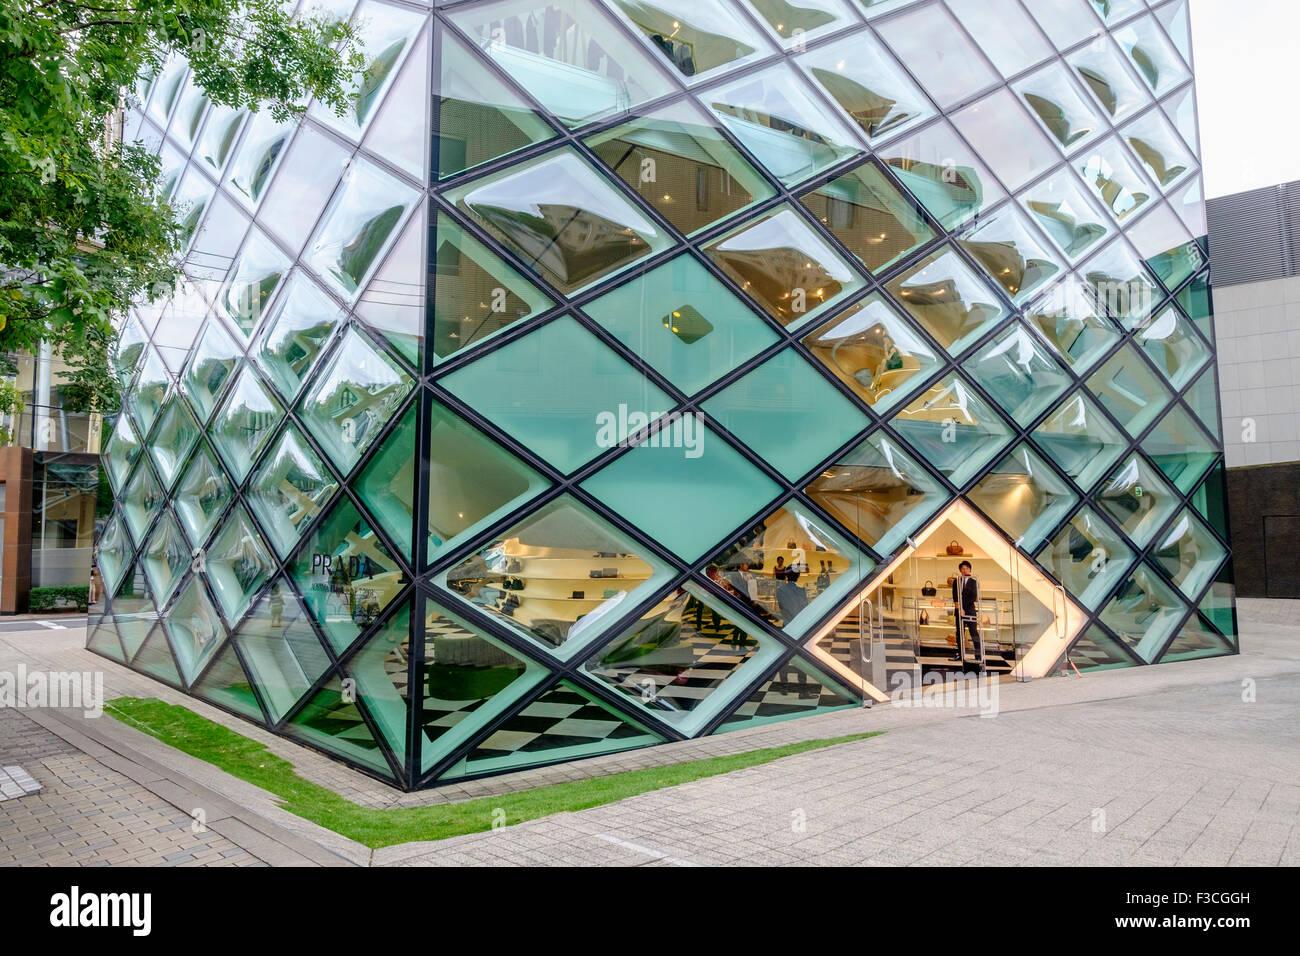 Exterior de paredes de cristal tienda insignia de Prada Aoyama en Tokio JAPÓN Imagen De Stock